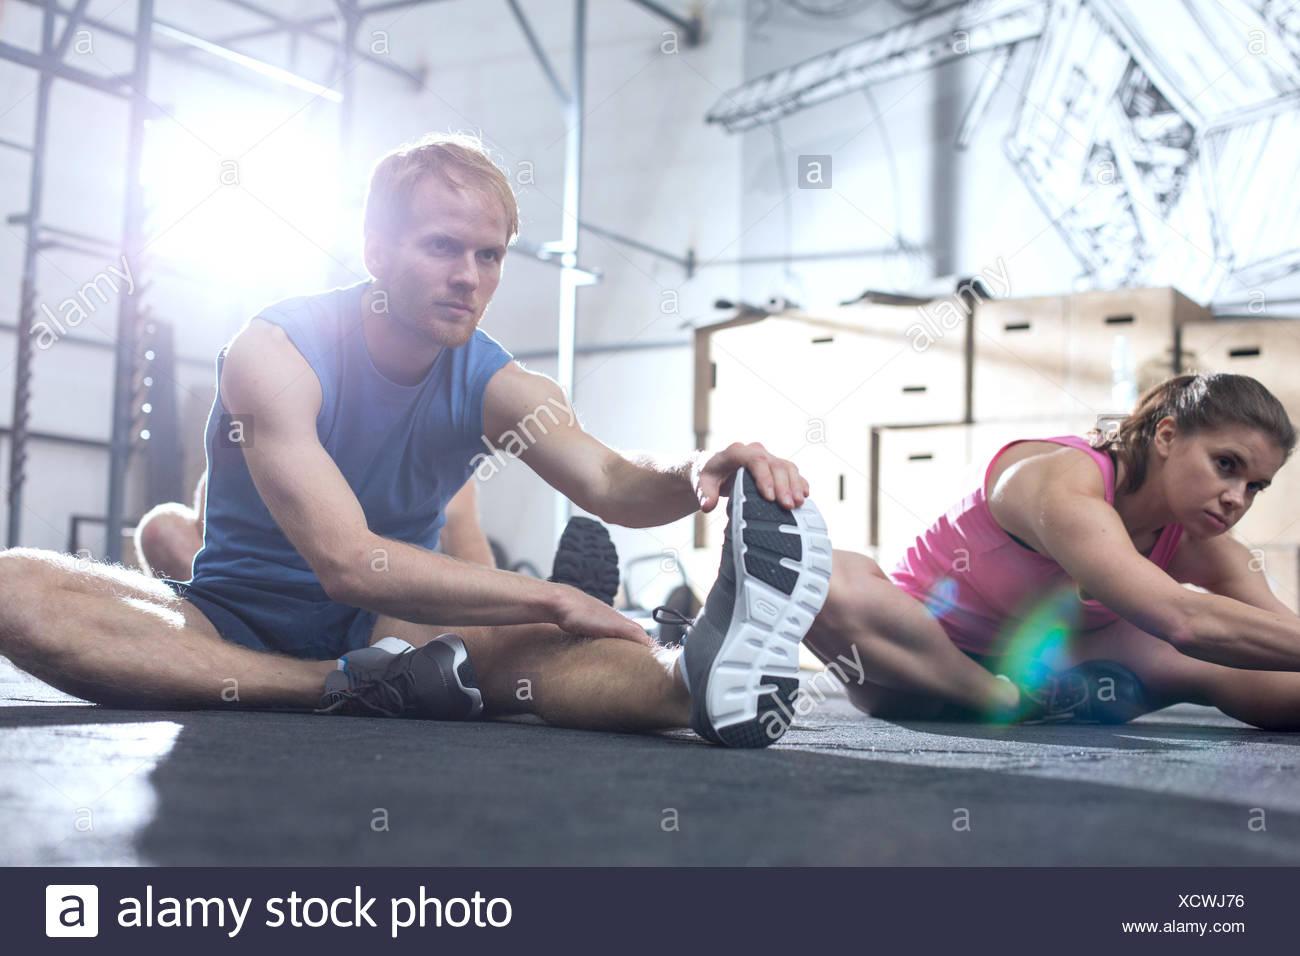 Confía en el hombre y la mujer haciendo ejercicio de estiramiento en el gimnasio crossfit Imagen De Stock